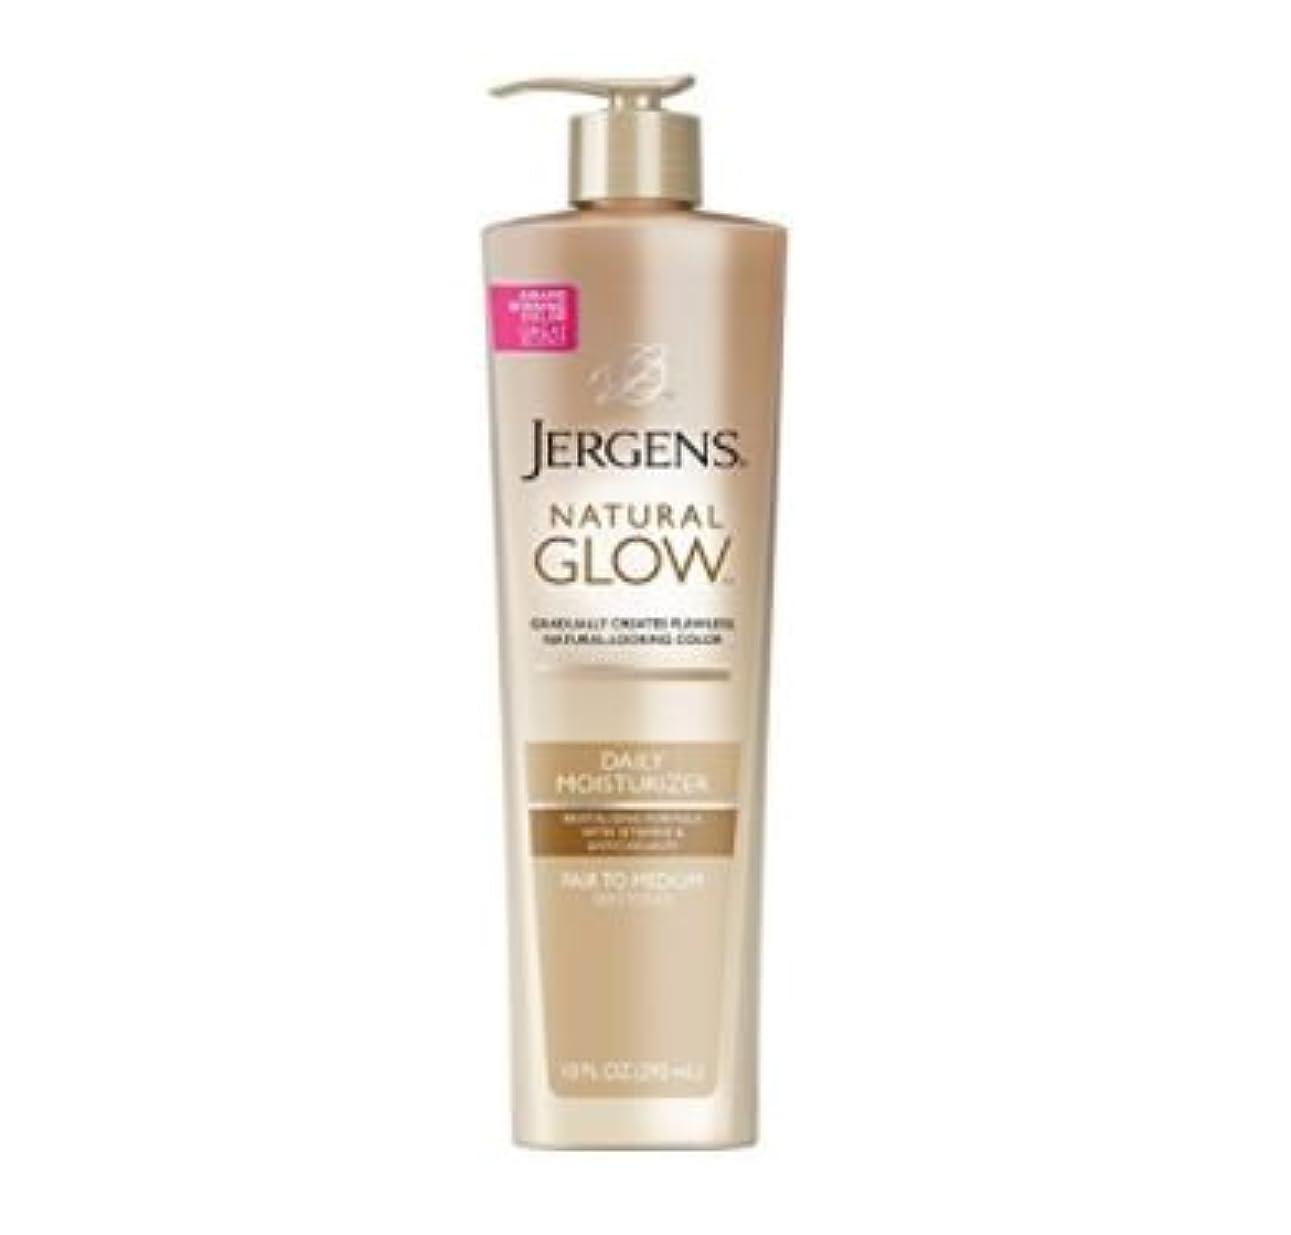 パターンロードブロッキングにはまってジャーゲンス【ポンプ付き295ml】塗るだけでキレイなブロンズ肌! セルフタンニングローション Jergens Natural Glow ジャーゲンズ (Fair/Medium 色白の方用)